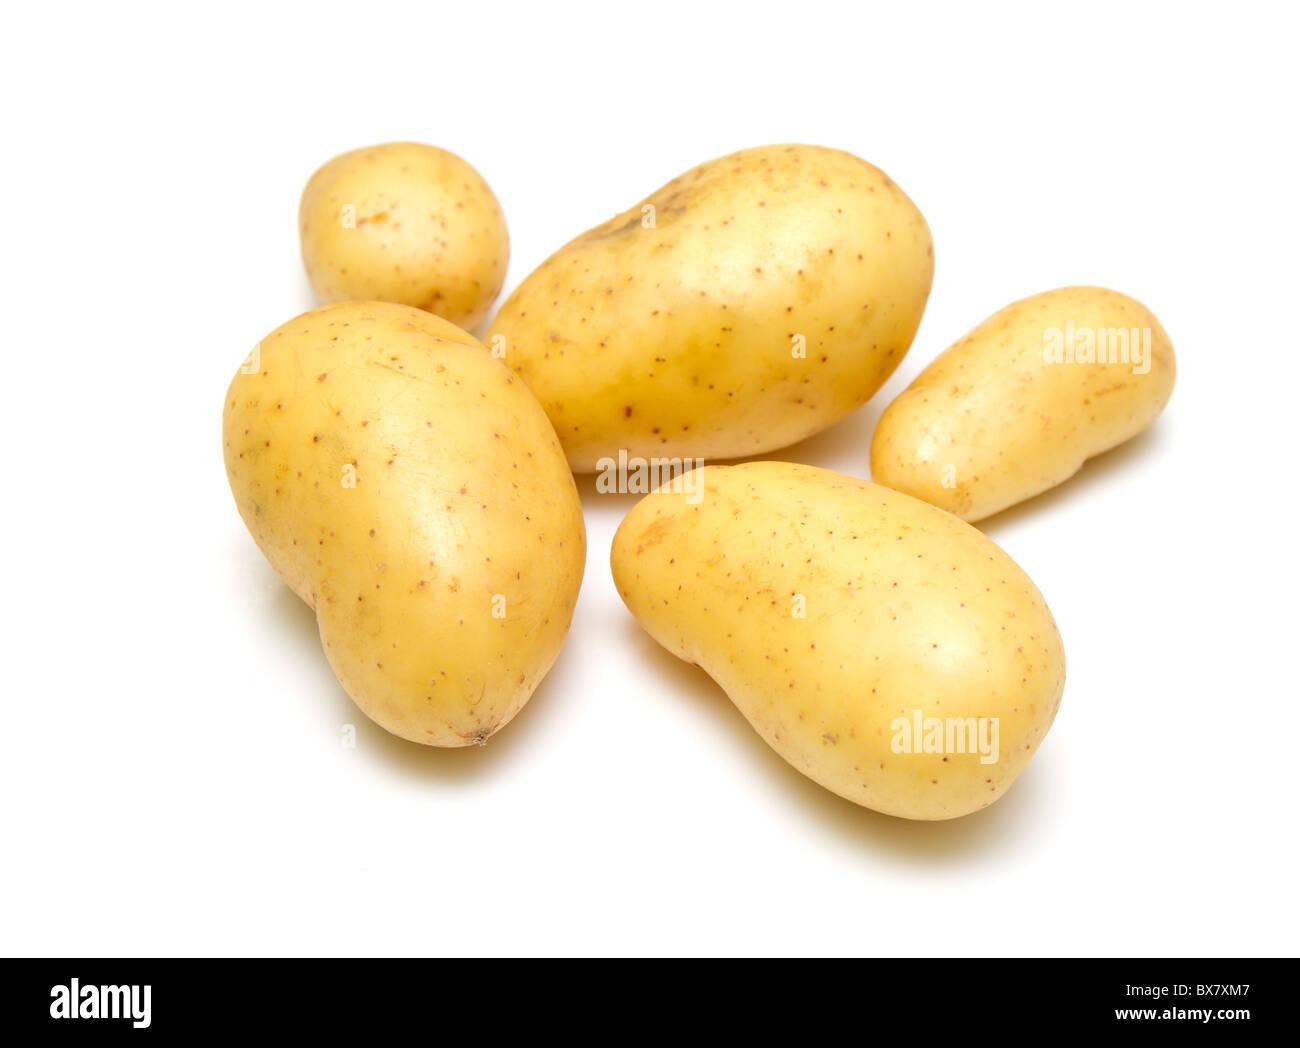 Frais et propre de pommes de terre nouvelles Photo Stock